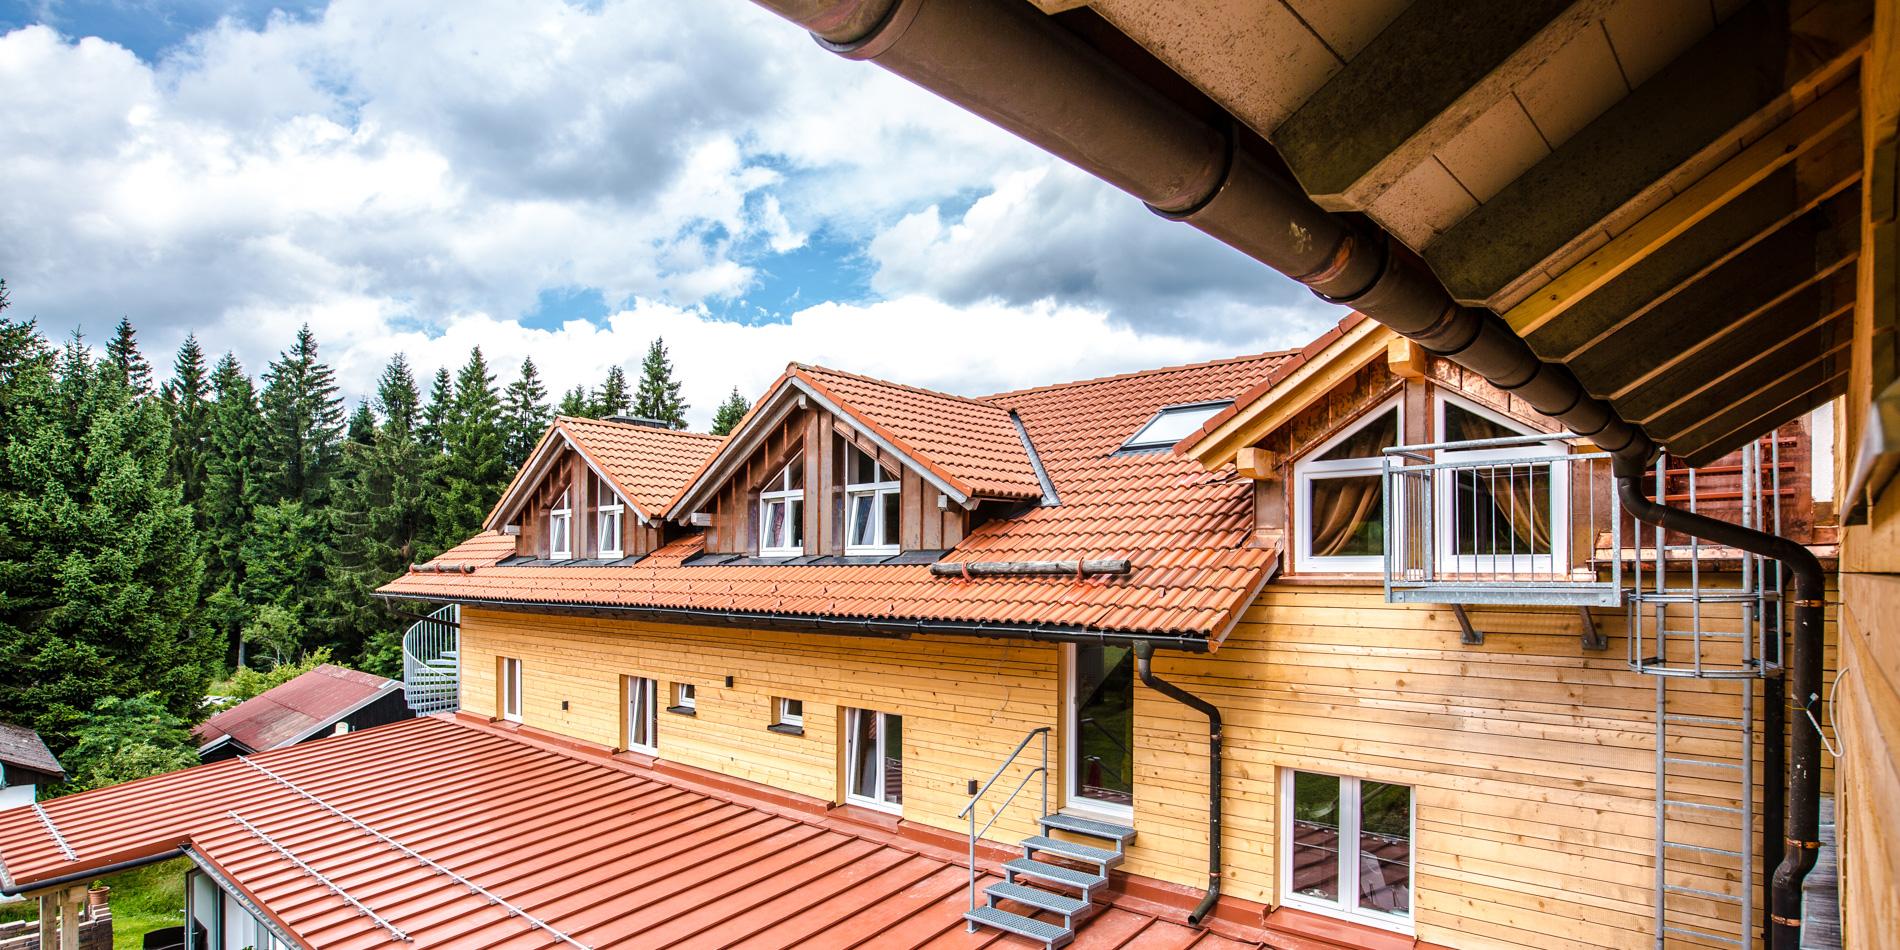 Referenzhaus Spenglerei Holzbau Eiler